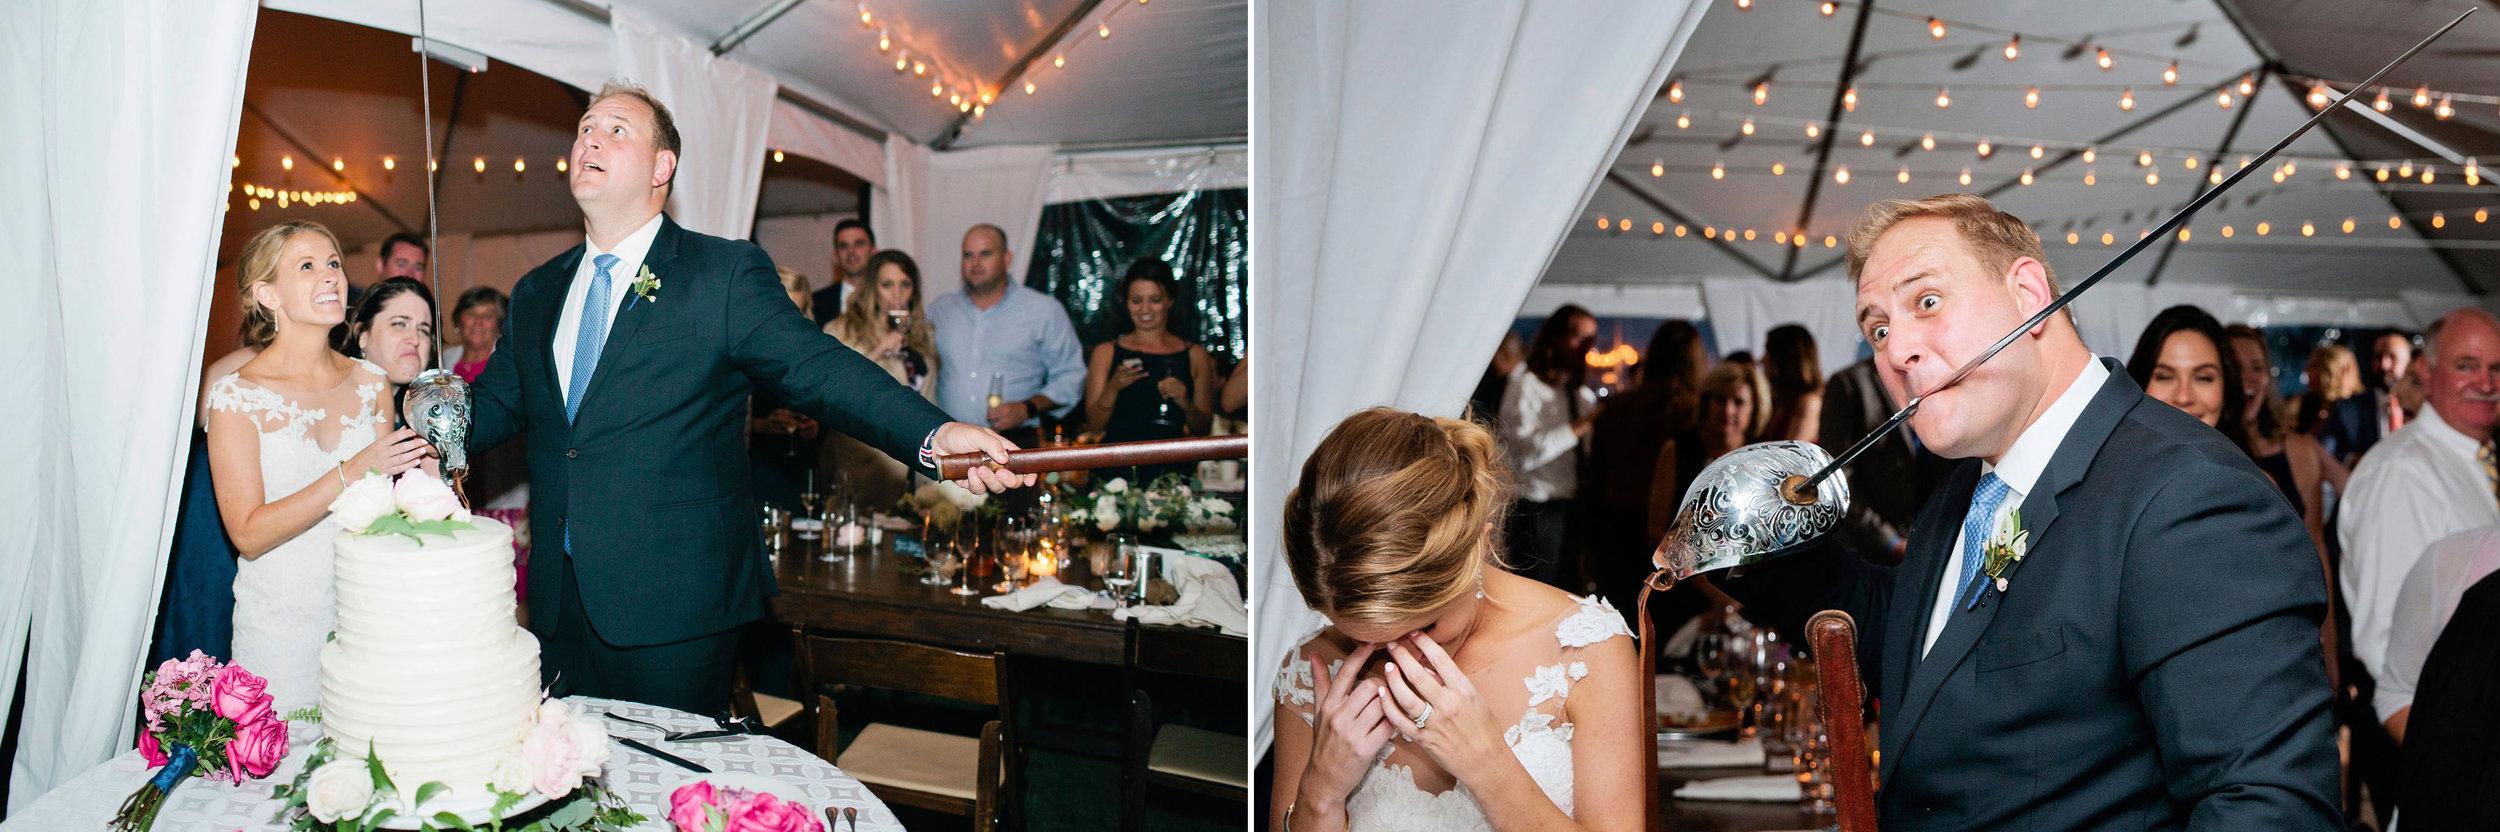 Tahoe-Summer-Wedding-098 copy.jpg